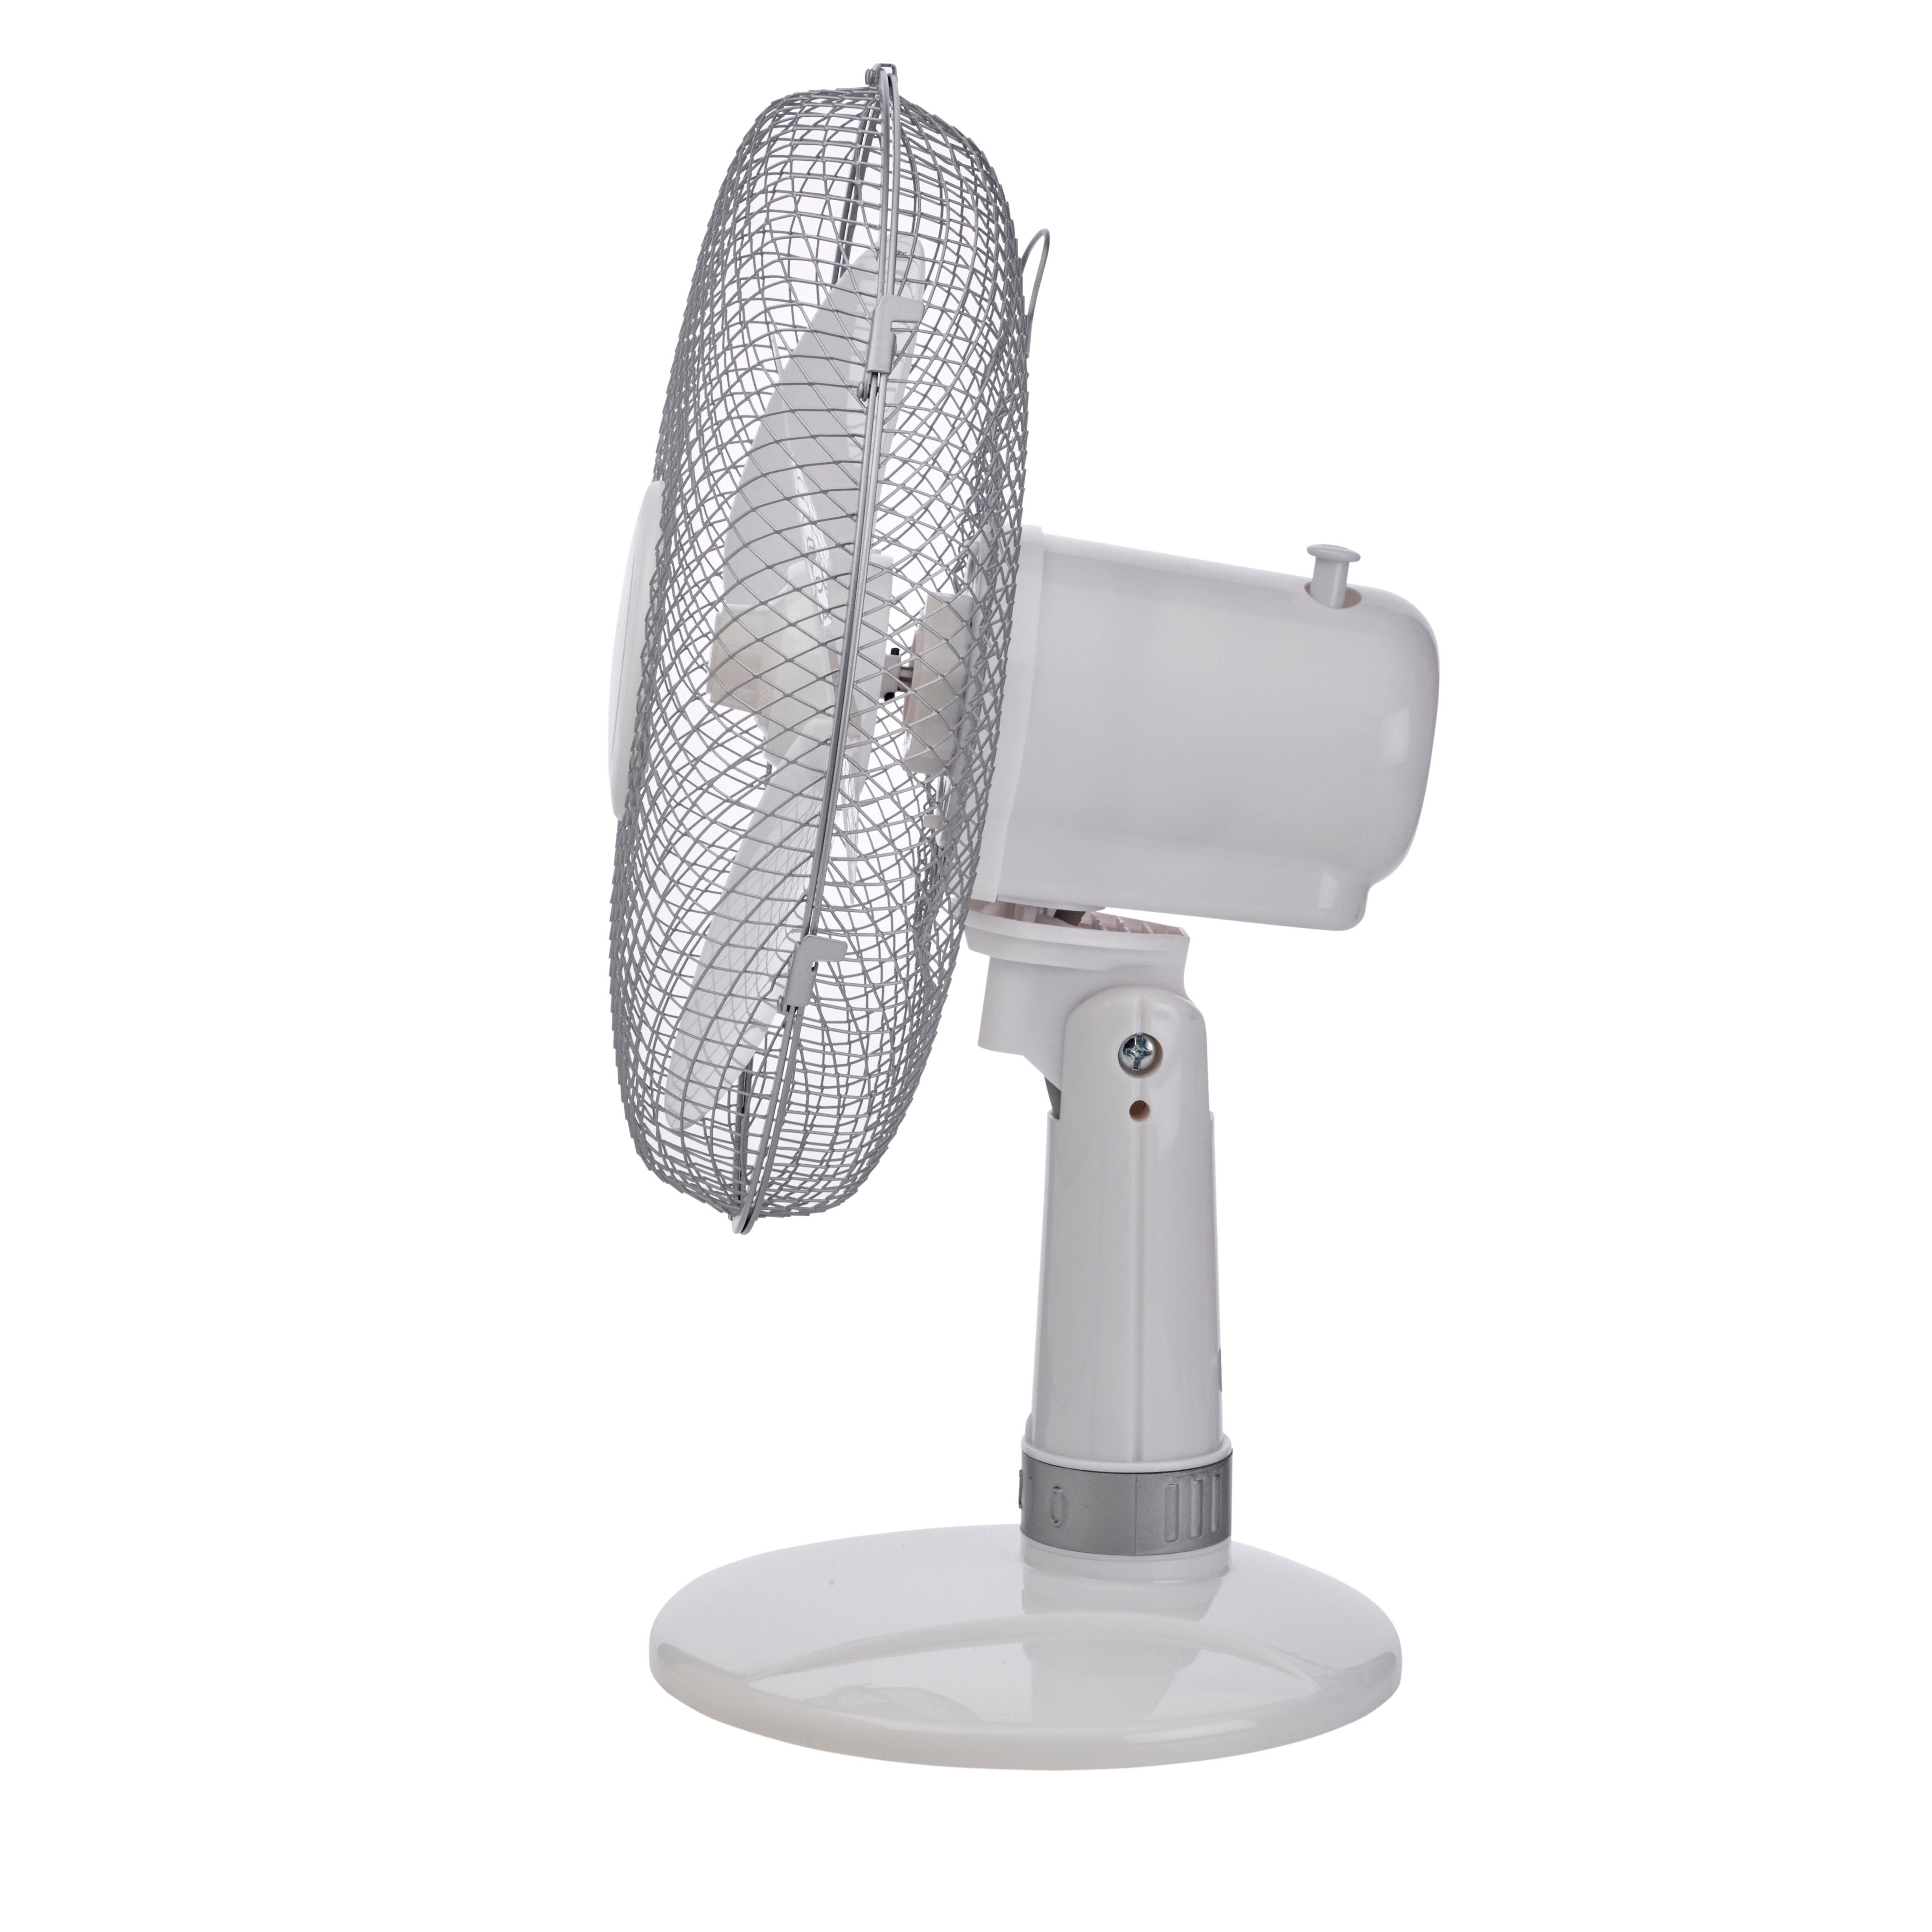 Bimar VT422 ventilatore Grigio, Bianco